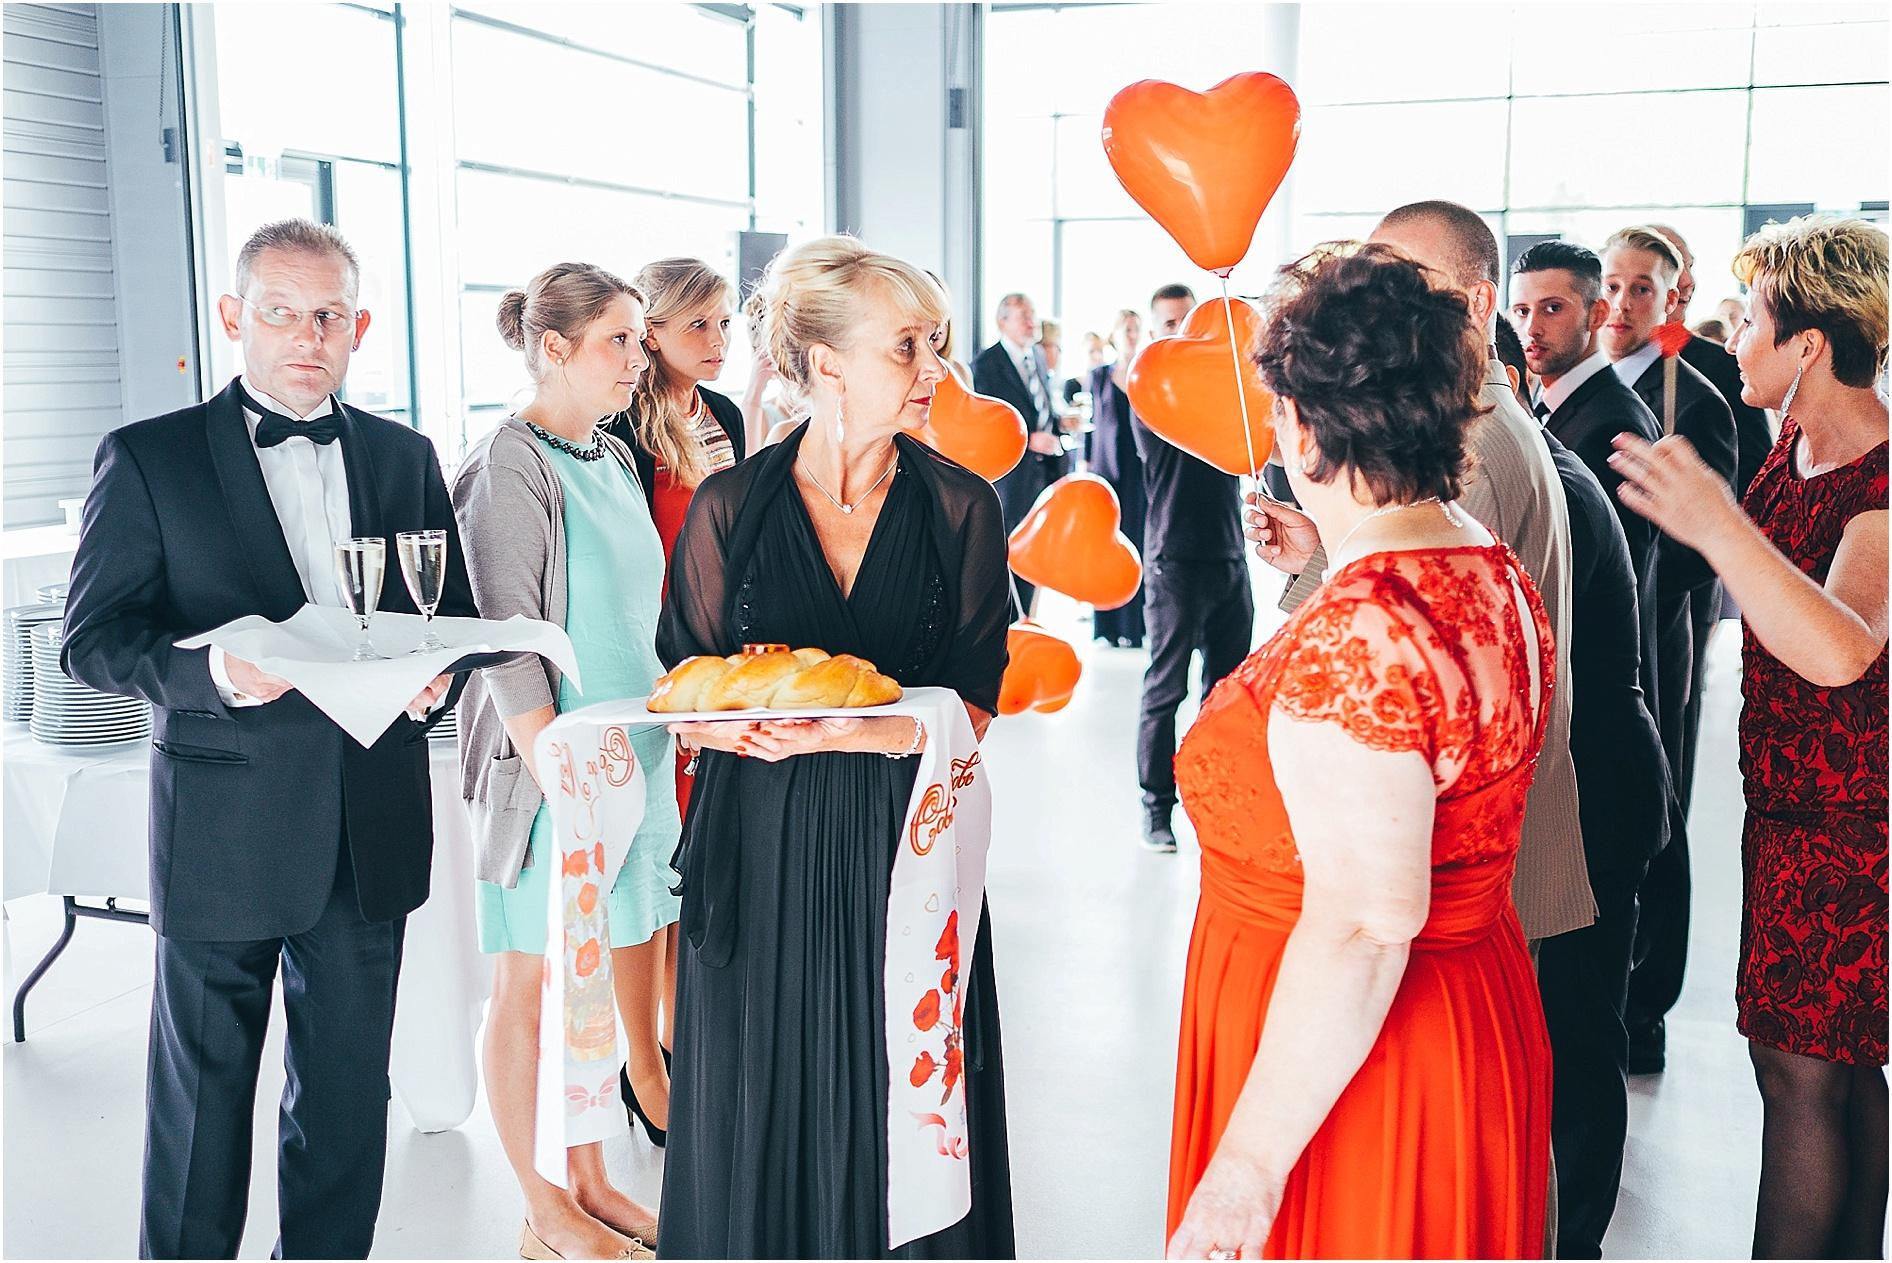 2014-11-20_0085 Lora & Daniel - Als Hochzeitsfotograf in Lüneburg